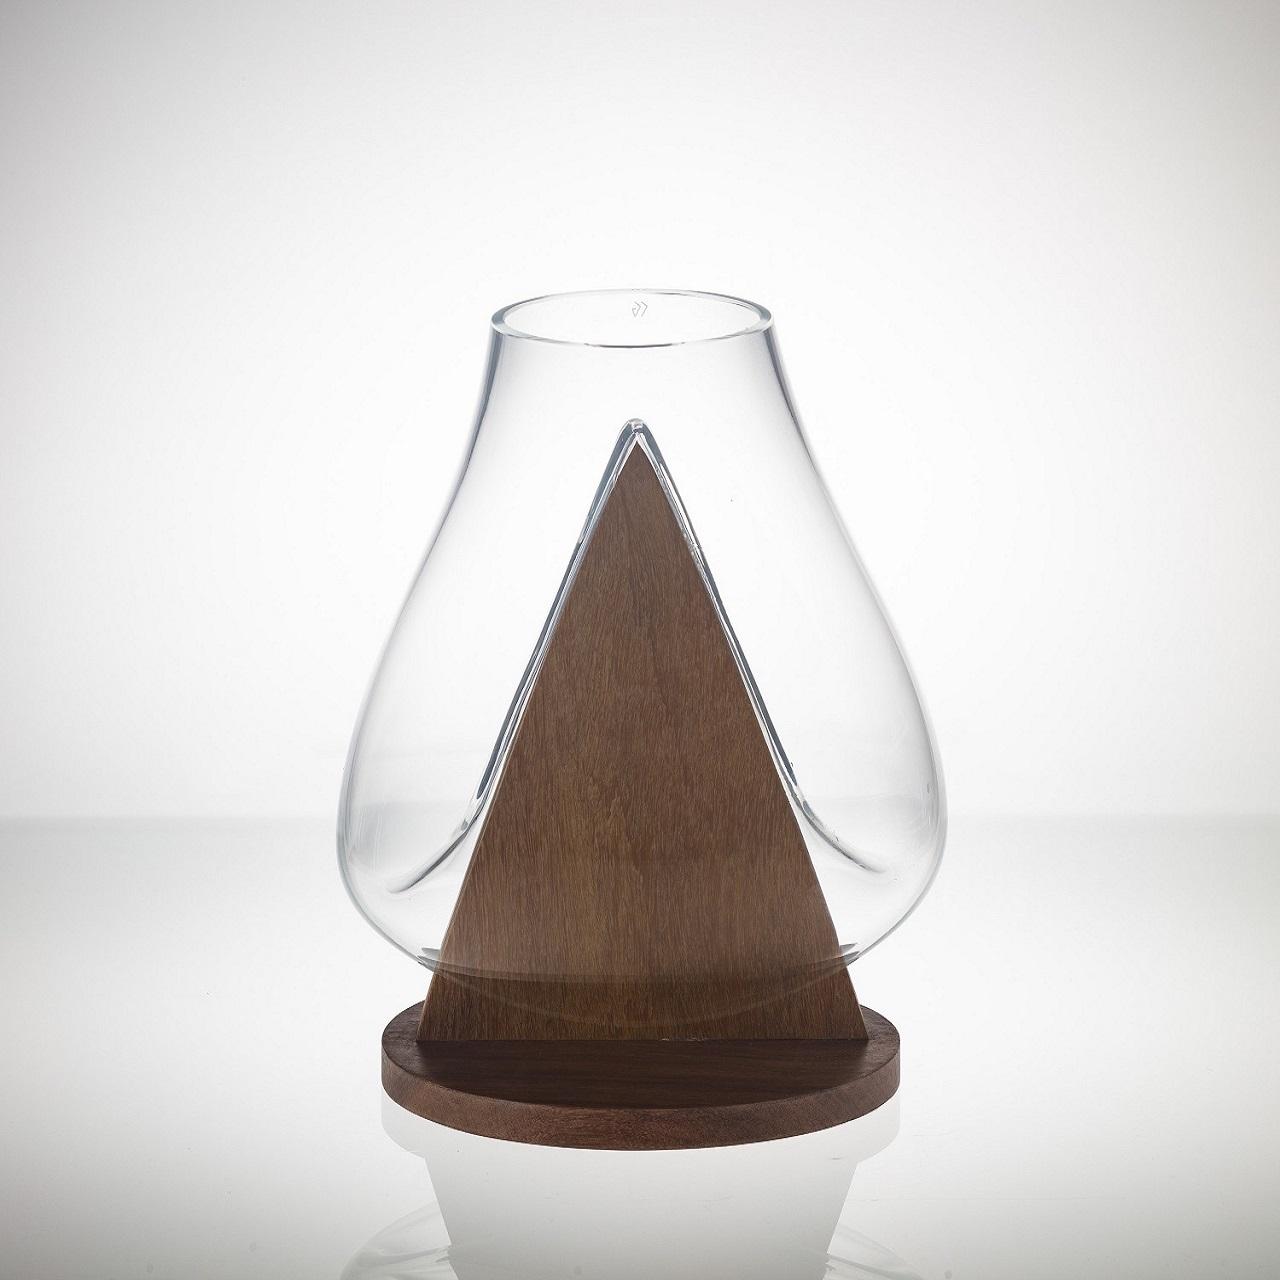 Vaso Bauhaus Coroa Base Triângulo |incolor